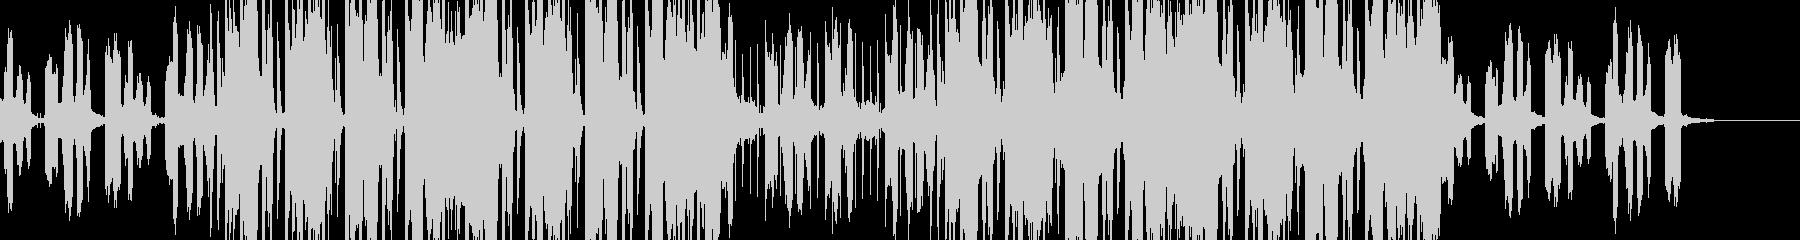 レトロ アクティブ 明るい ゆっく...の未再生の波形